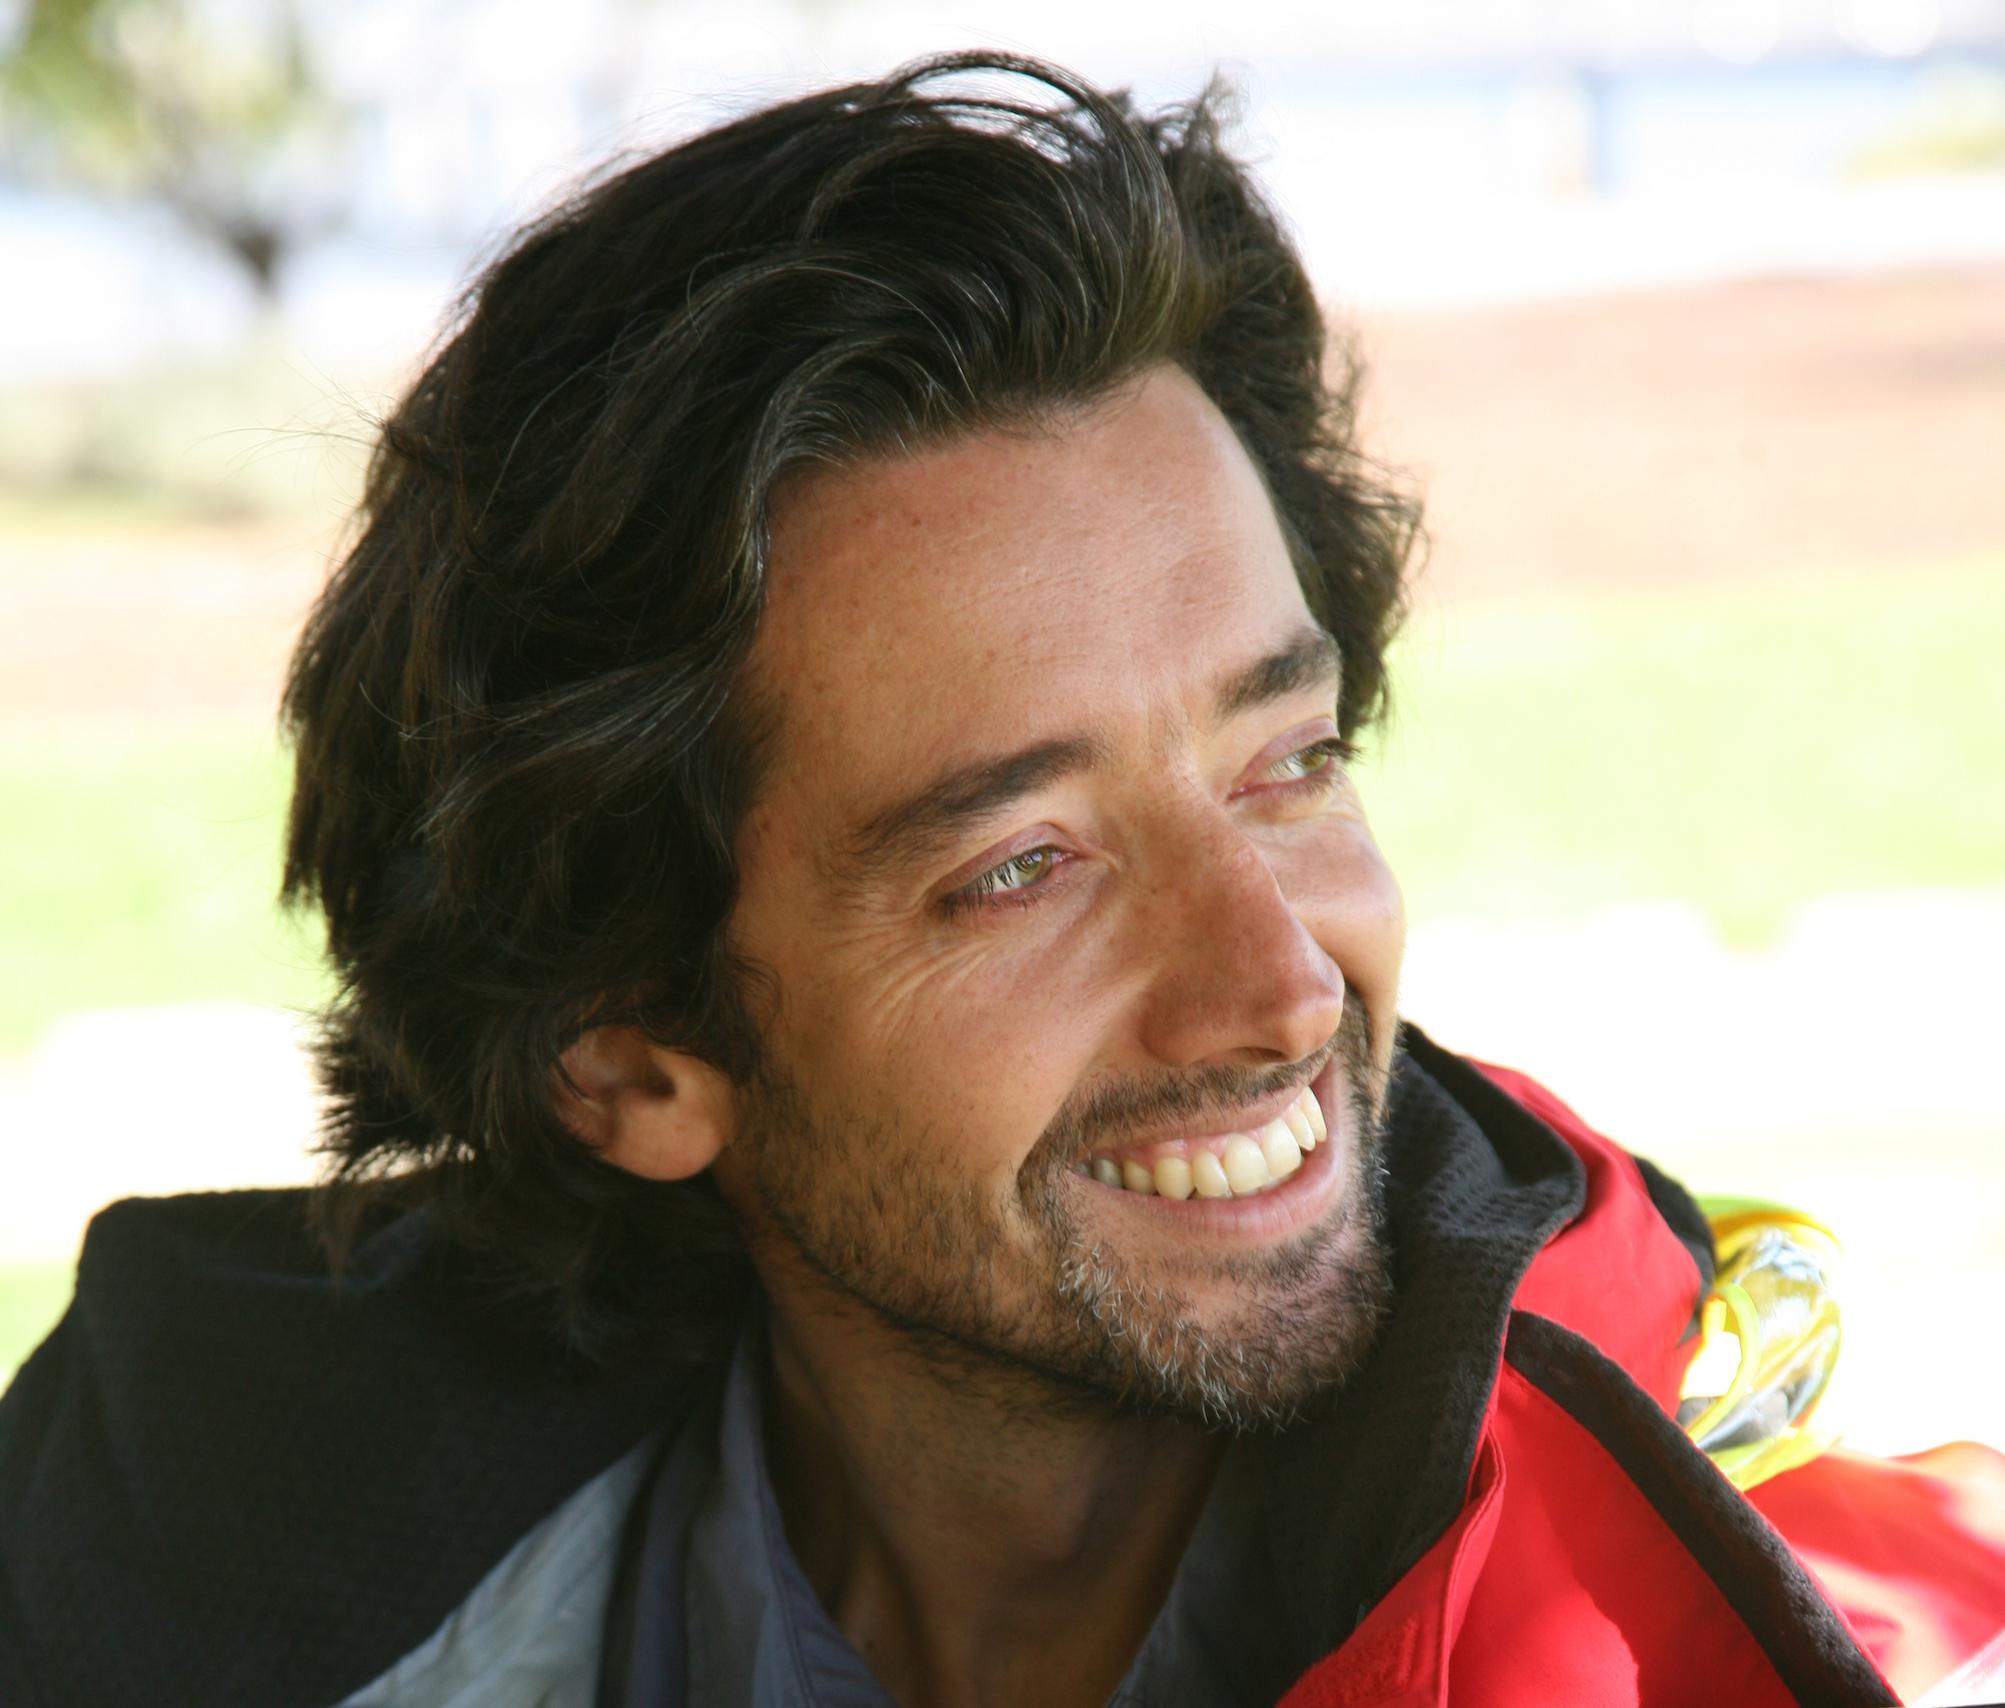 """Ricardo Diniz, velejador e orador internacional: """"Tenho sempre medo do mar"""""""